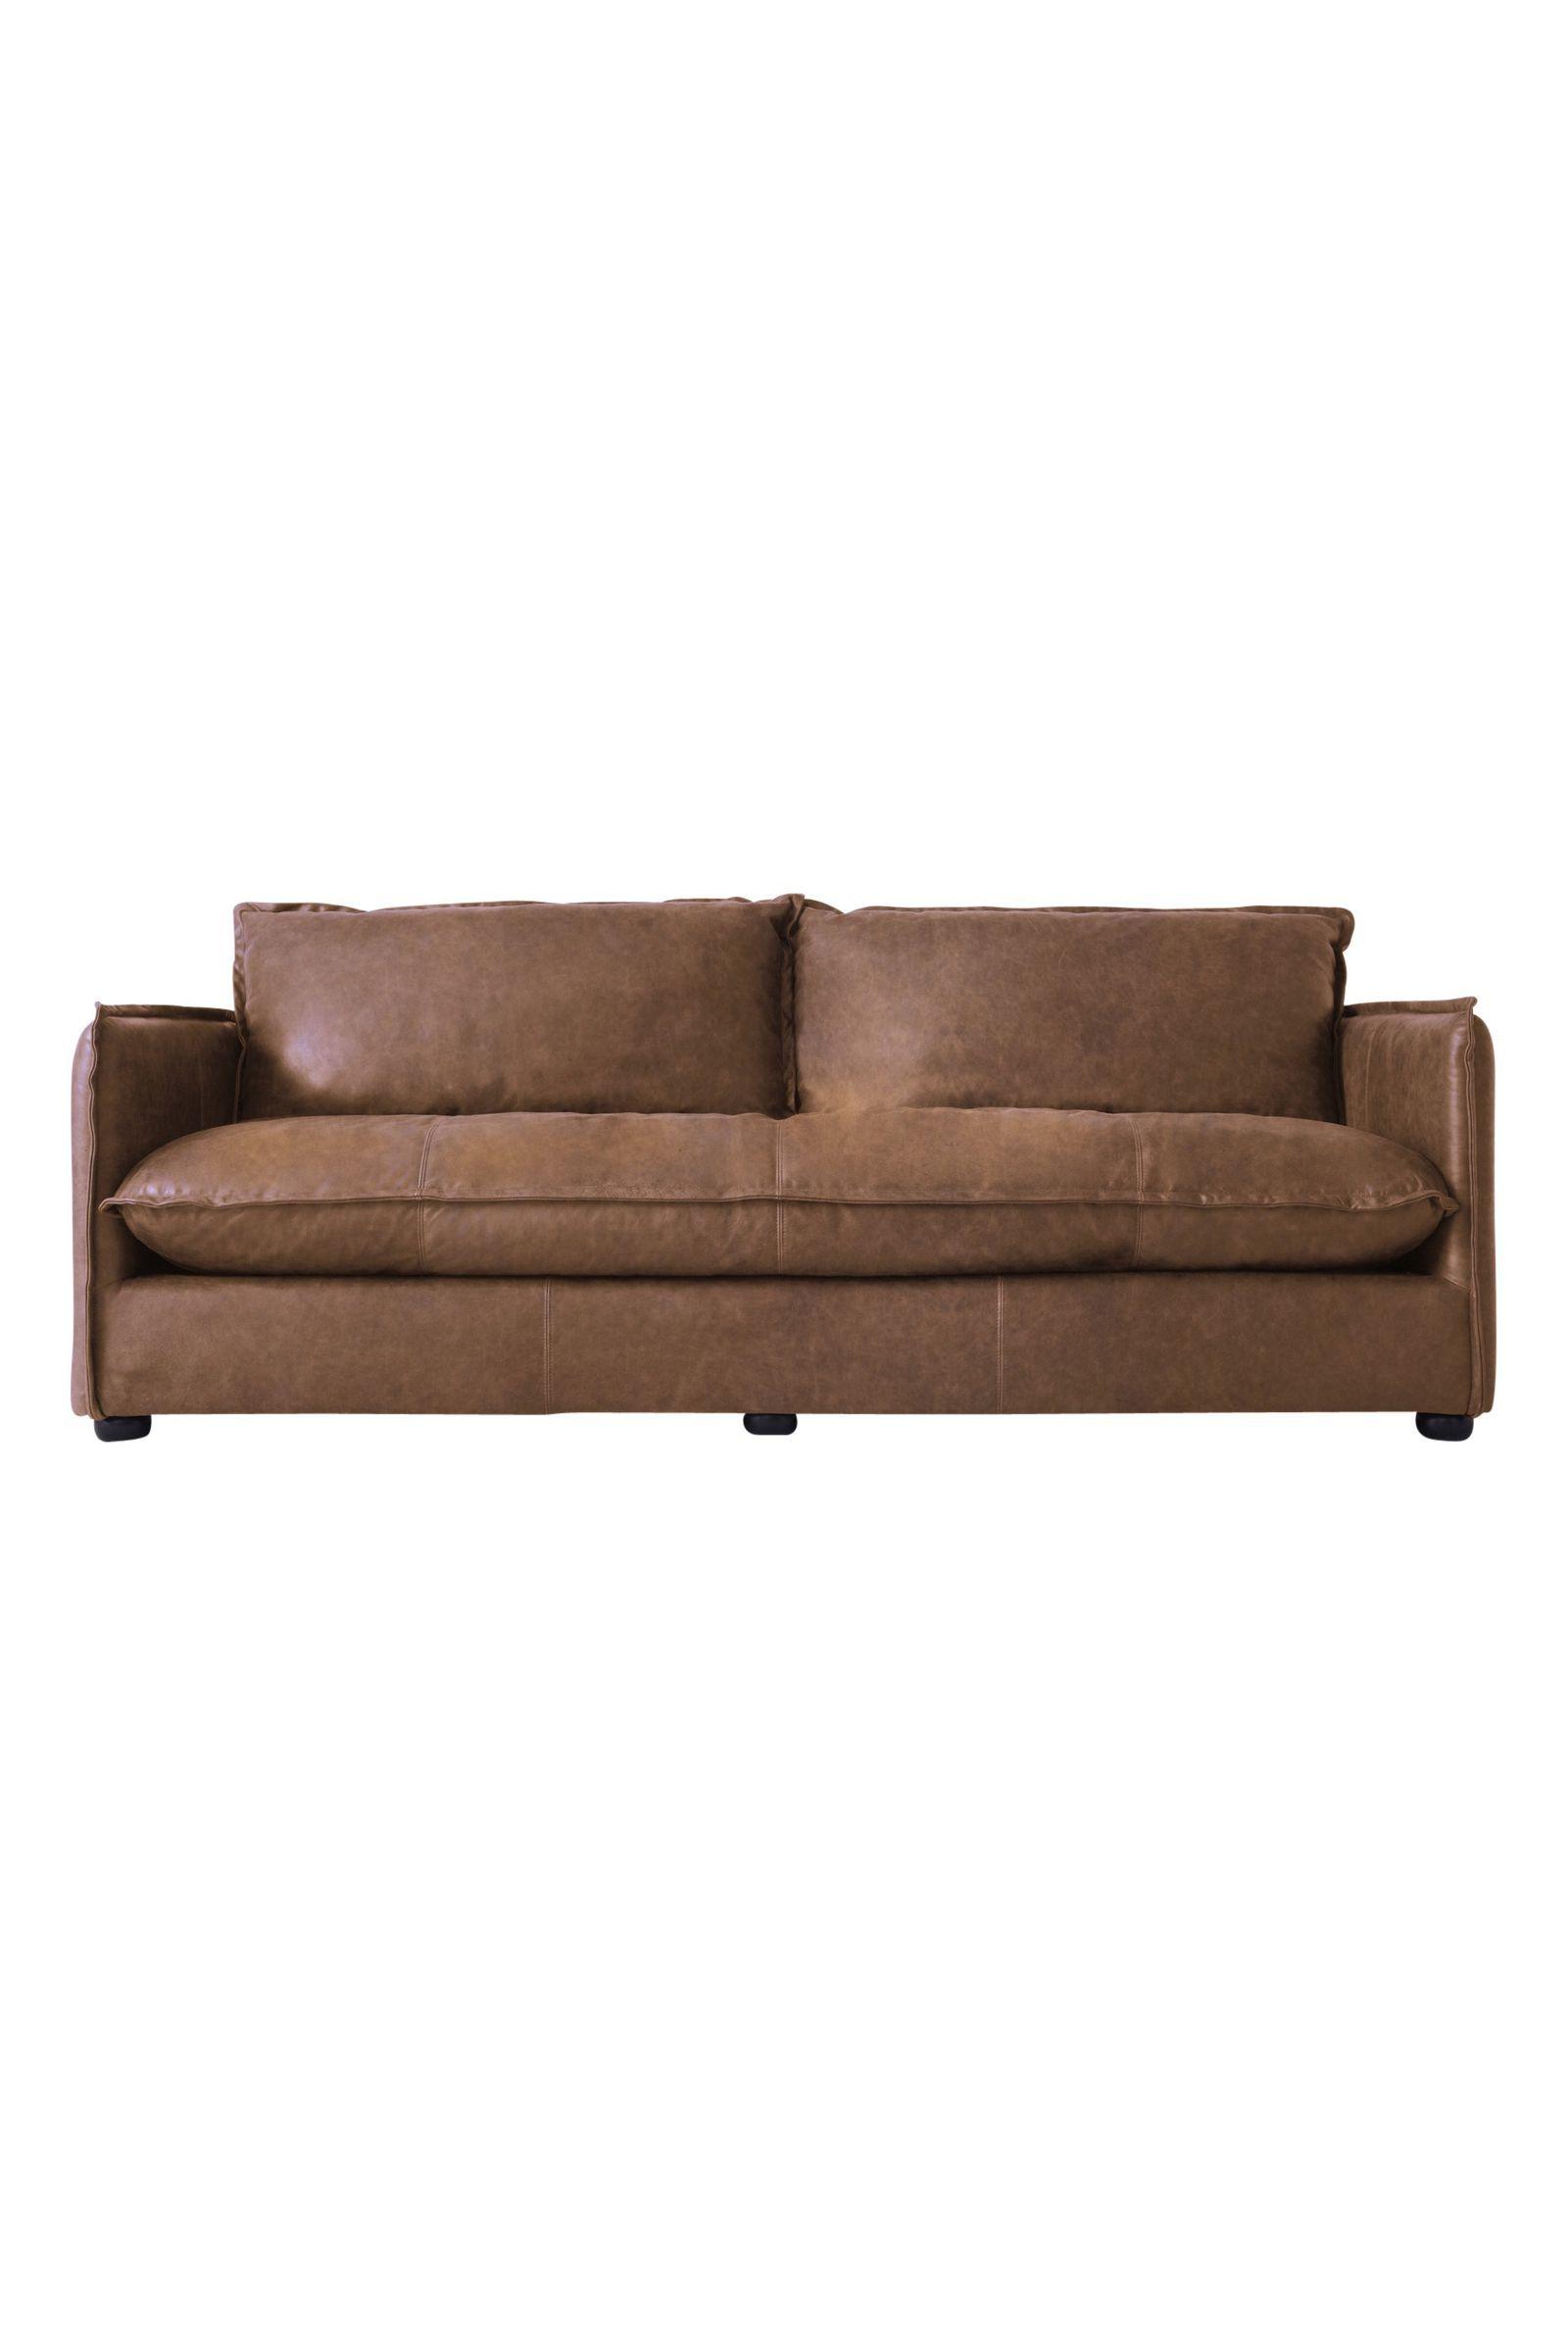 13 Gorgeous Sofas For Around 3 000 Or Less Sofa Cheap Sofas